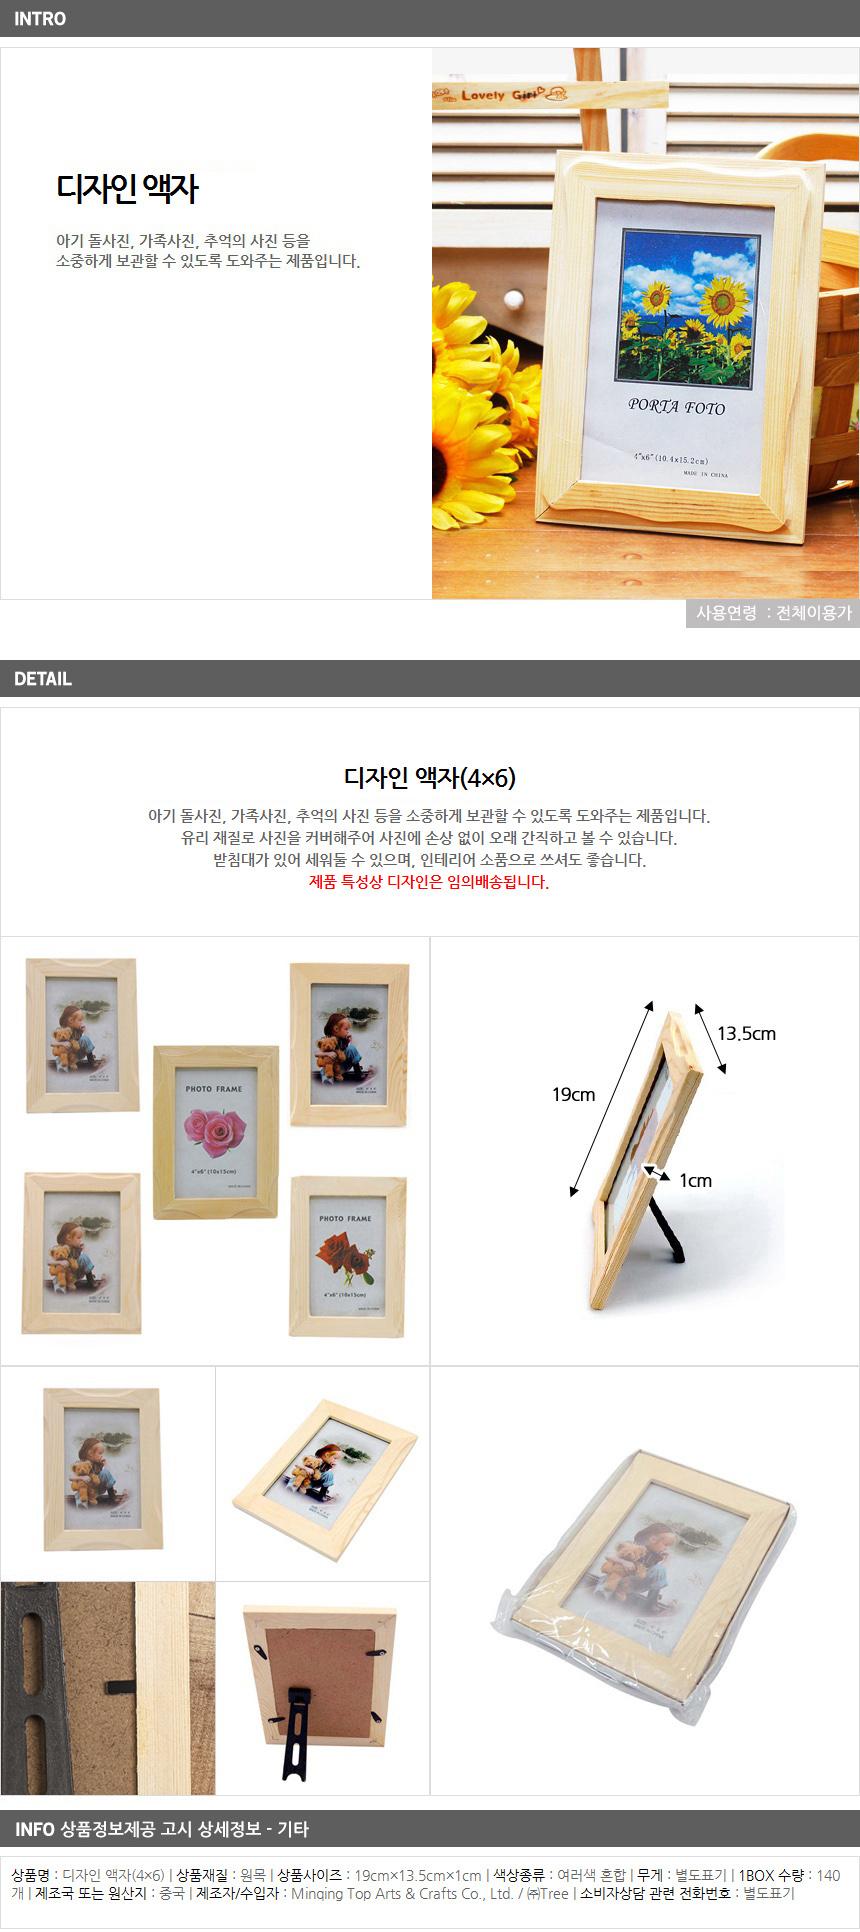 4×6 디자인 액자/사진관판매용 기념일단체선물 - 기프트갓, 2,520원, 액자, 심플액자